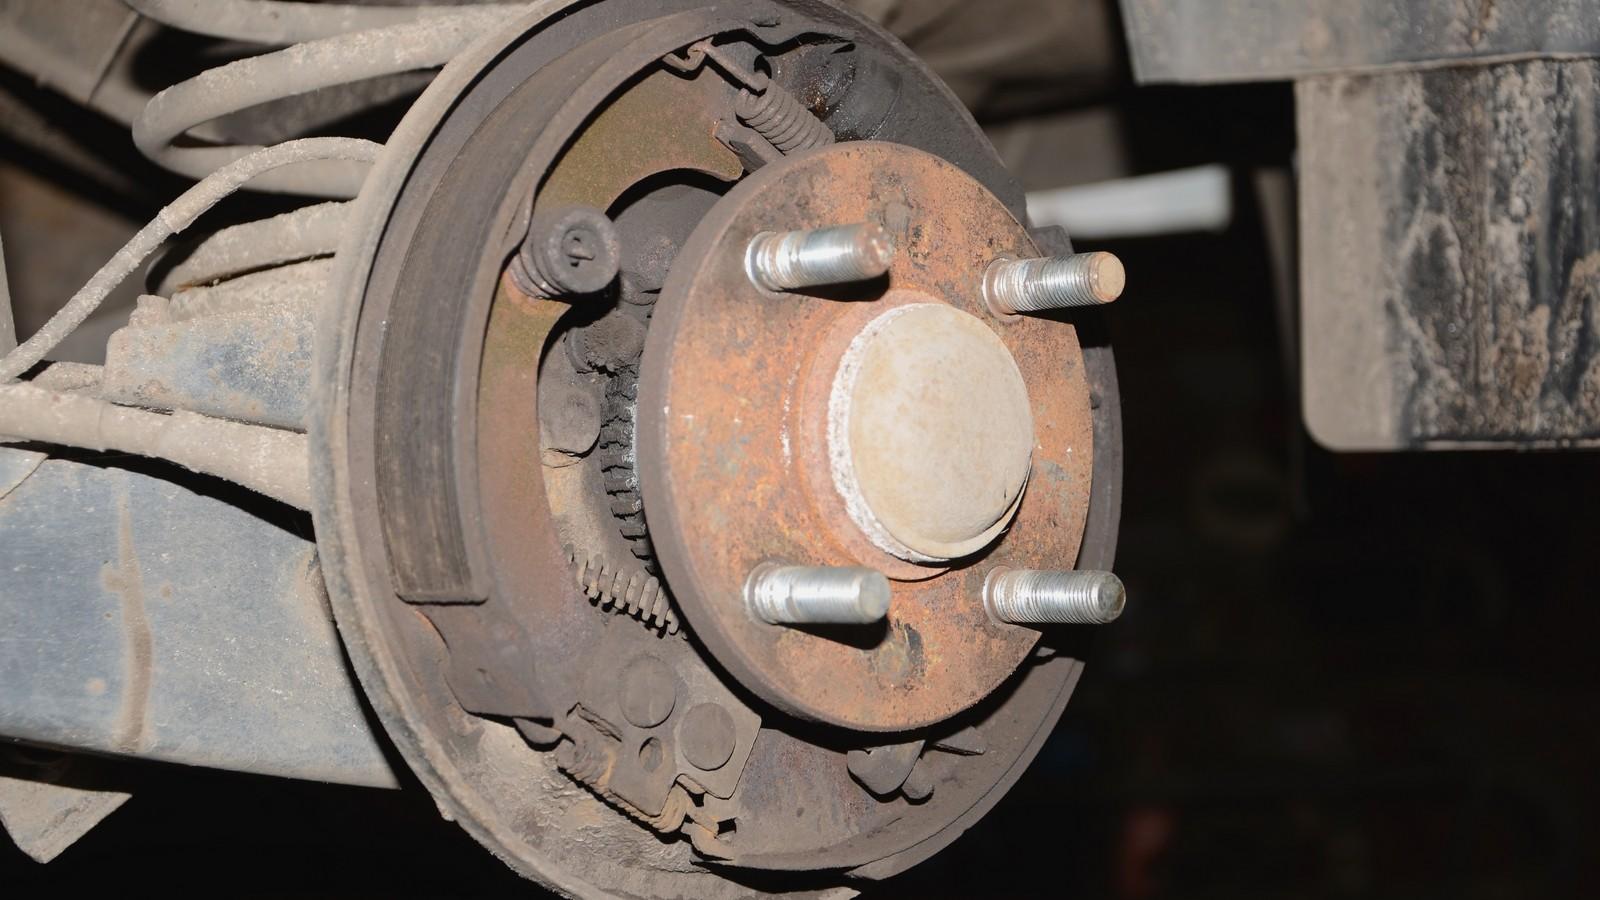 dsc 7551 - Тормозная система барабанного типа